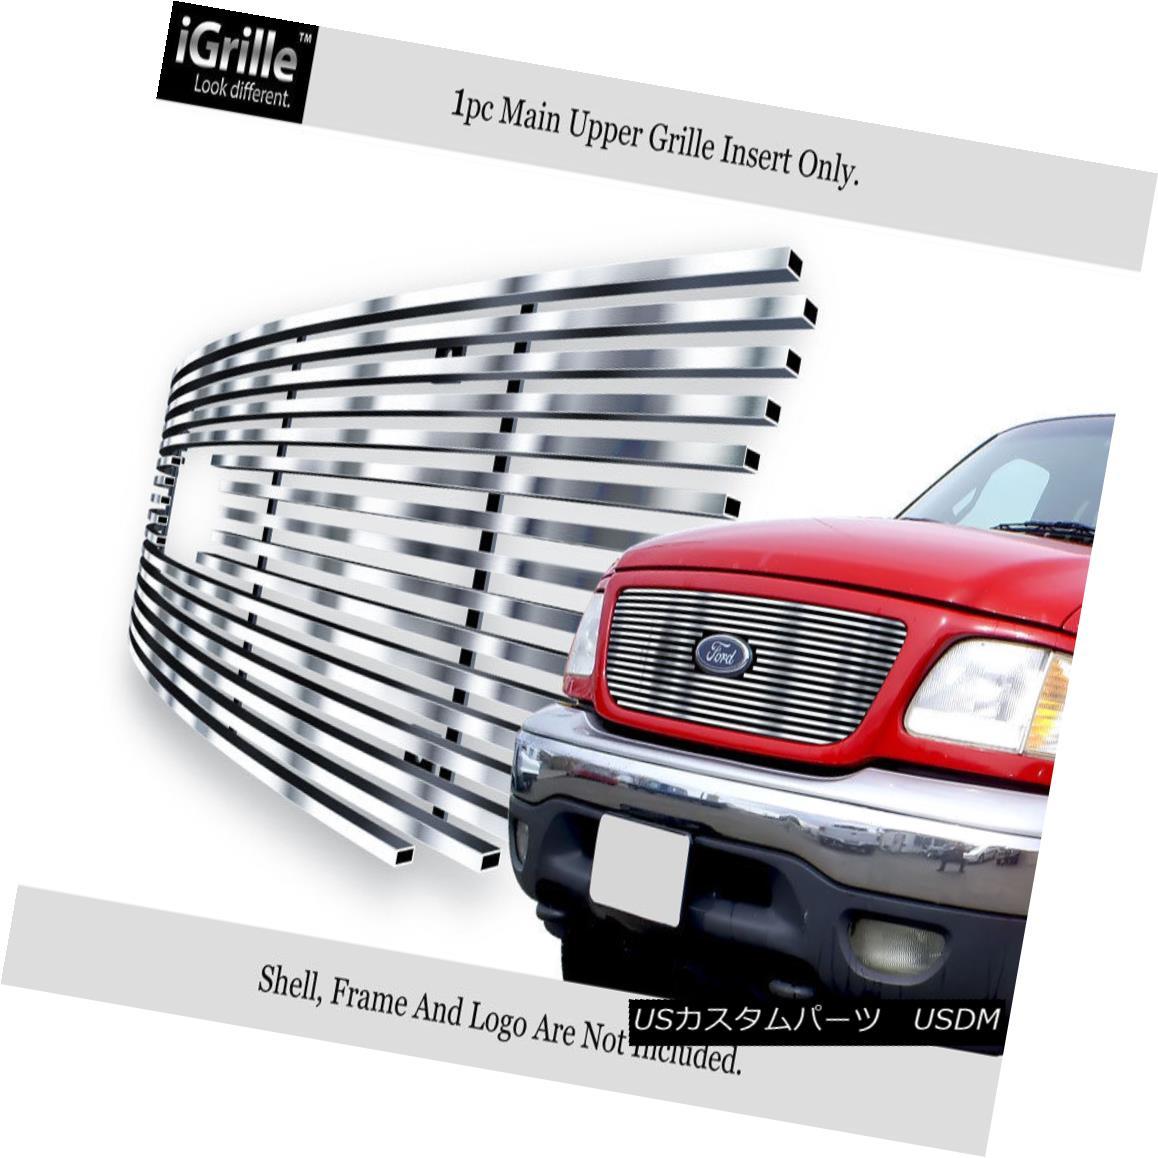 グリル Fits 1999-2003 Ford F-150/ Lightning Honeycomb Stainless BGC Billet Grille フィット1999-2003フォードF-150 /ライトニングハニカムステンレスBGCビレットグリル